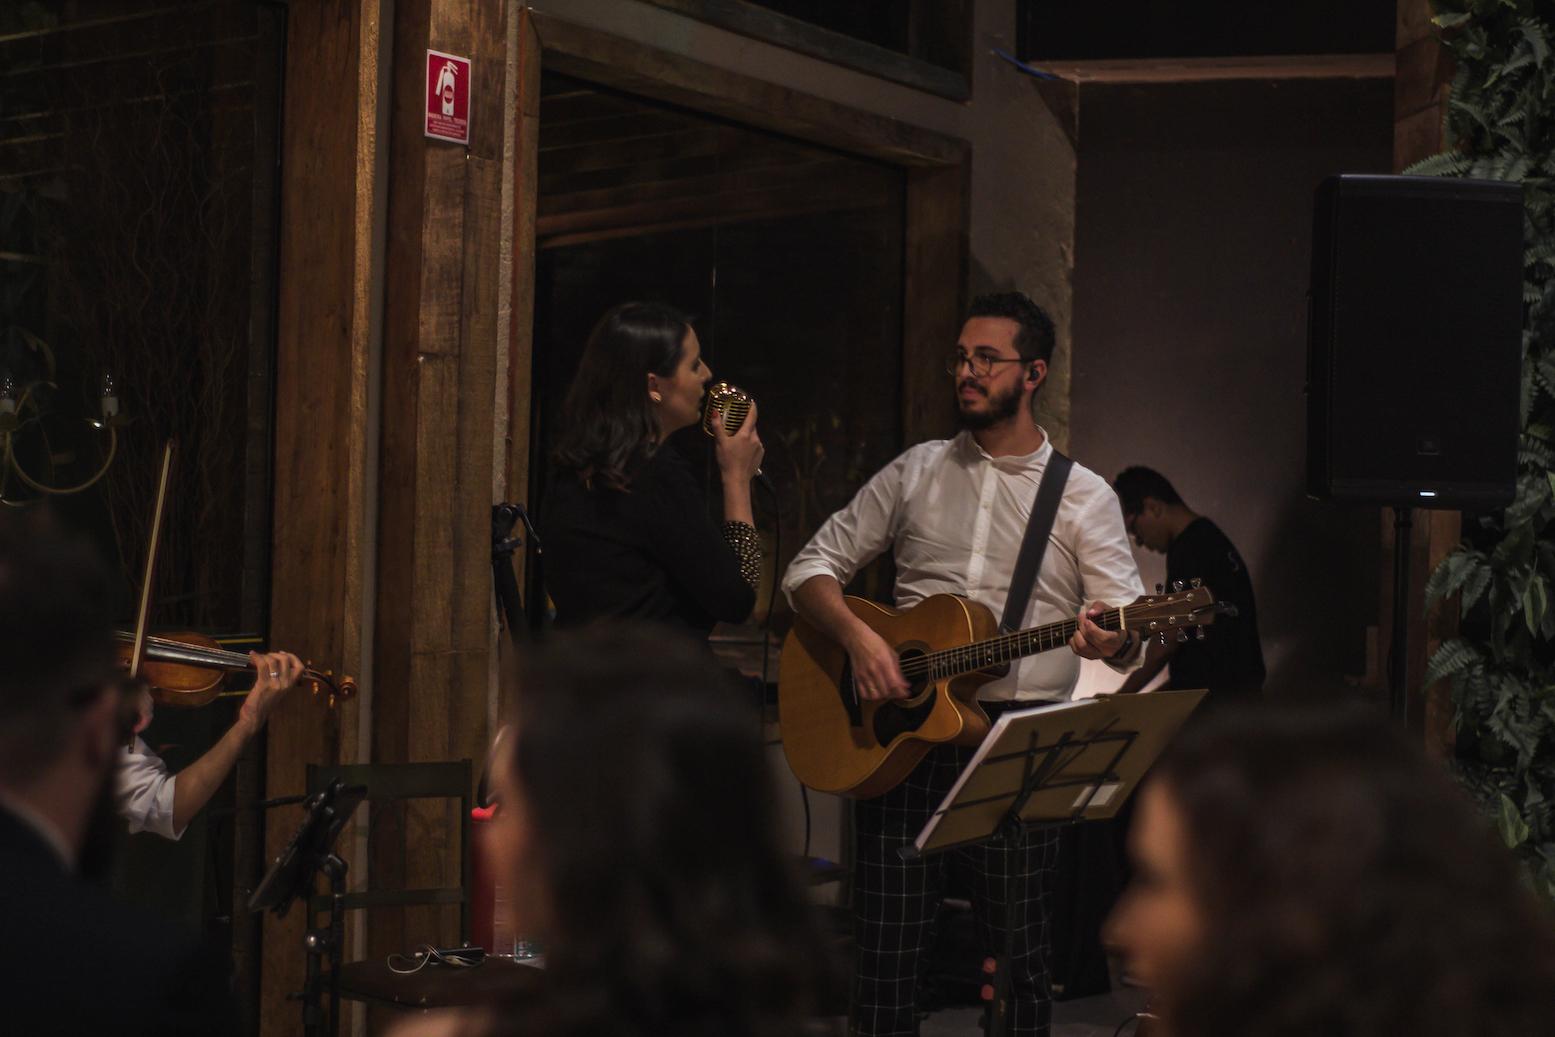 Casamento Nathalia e Rafael Voz Violão e Violino 02